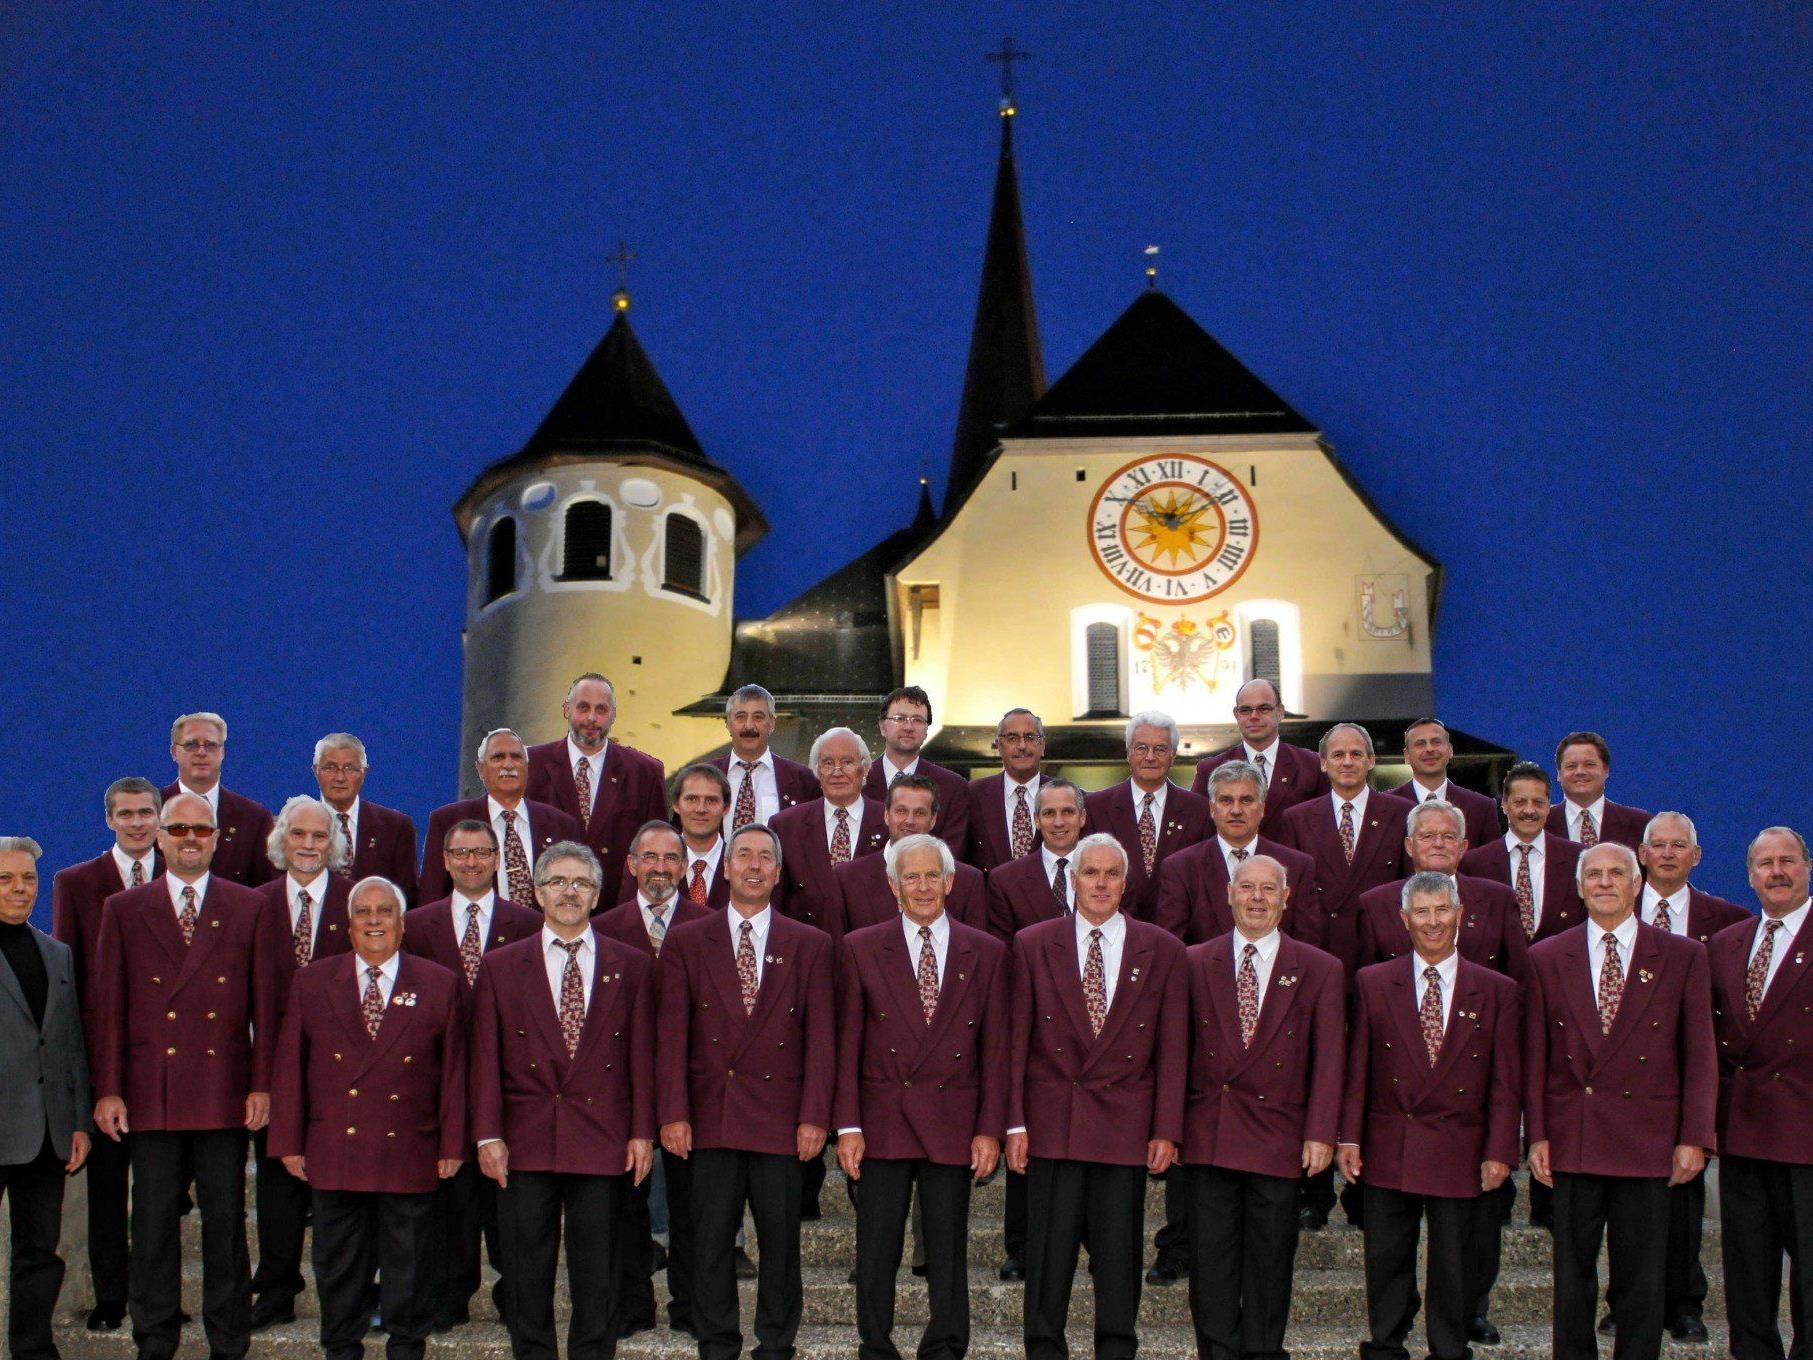 Der Männergesangsverein Liederkranz lädt zum Weihnachtskonzert in die Rankweiler Basilika.